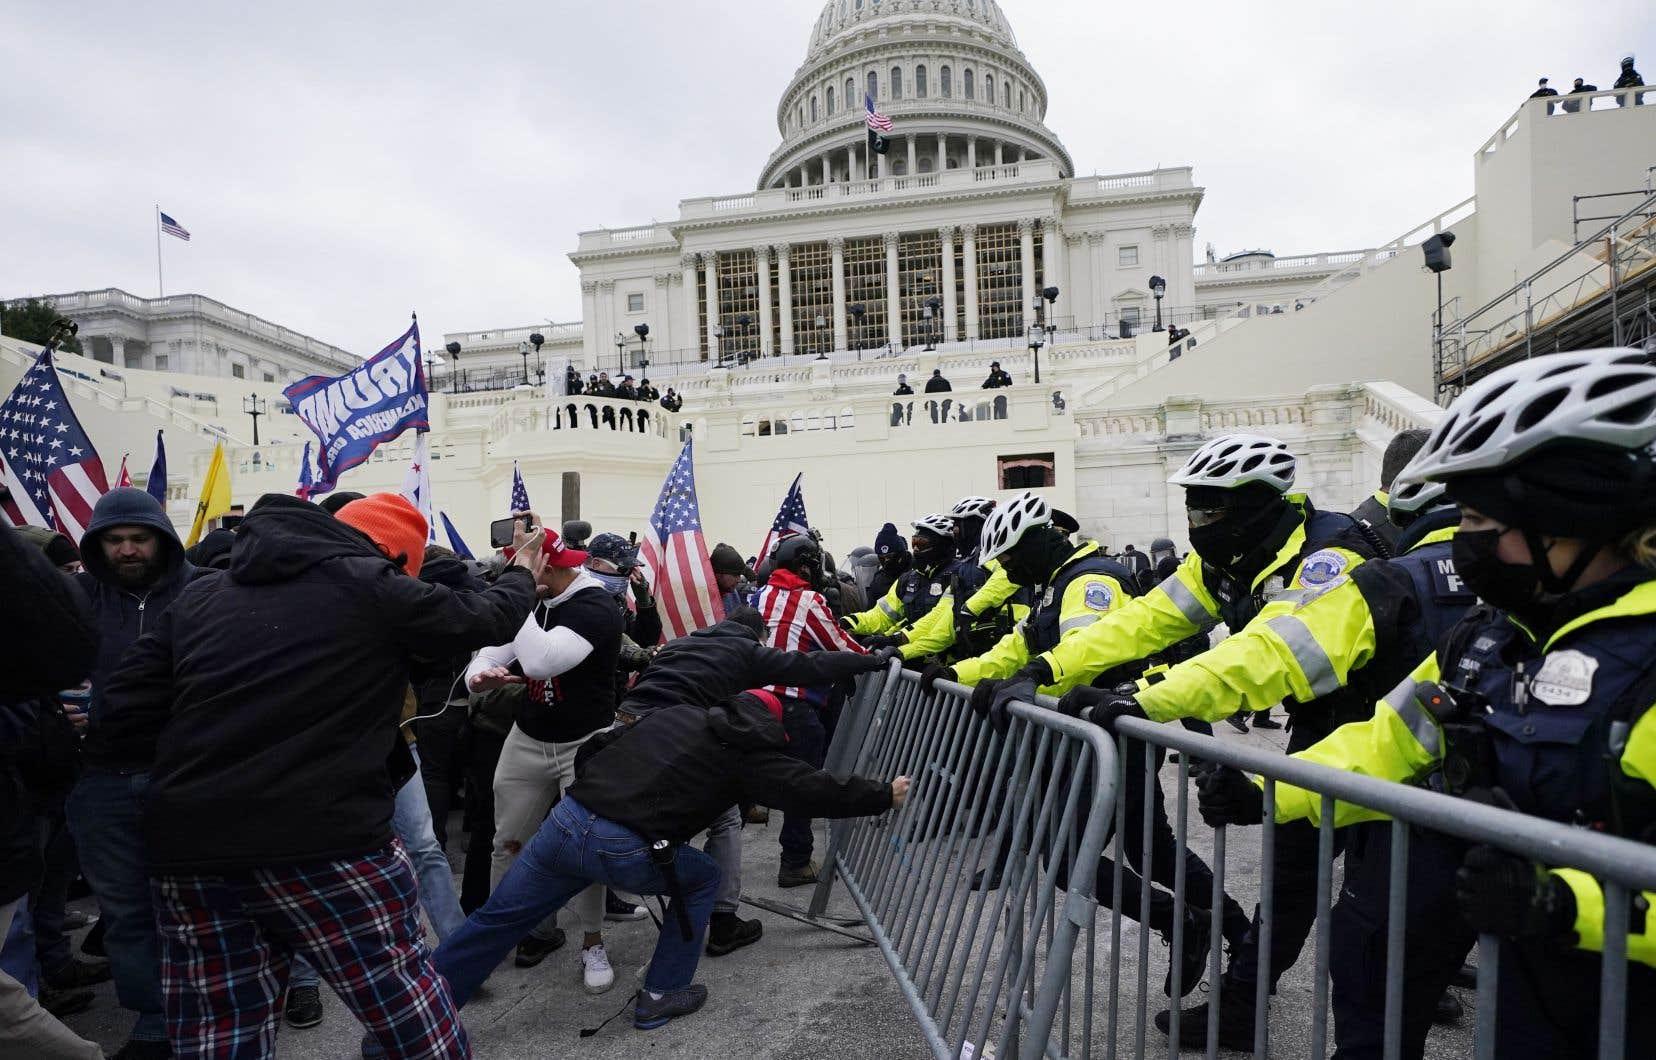 Le 6 janvier dernier, des partisans de Donald Trump ont pris d'assaut le Capitole de Washington pour protester contre les résultats de l'élection présidentielle. Selon les spécialistes, le débordement est la conséquence d'un courant populiste bien enraciné.